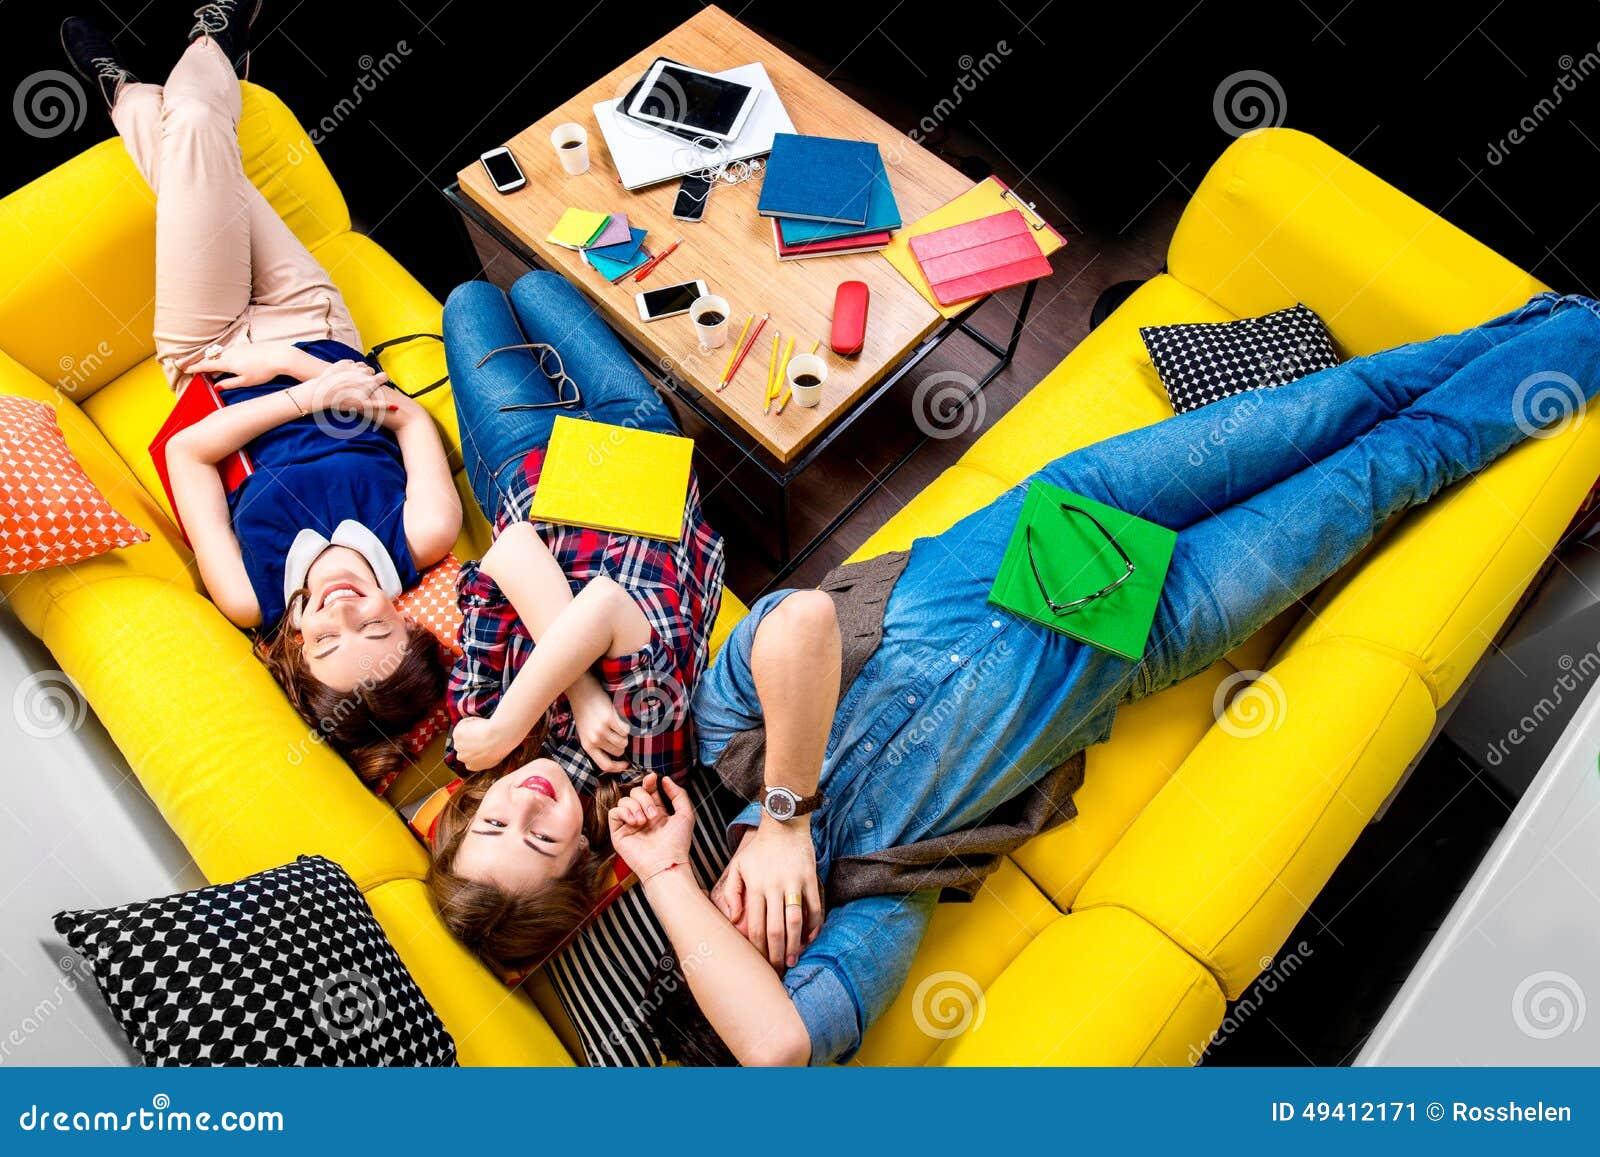 Download Schlafen Und Müde Studenten Auf Der Couch Stockbild - Bild von freunde, lügen: 49412171